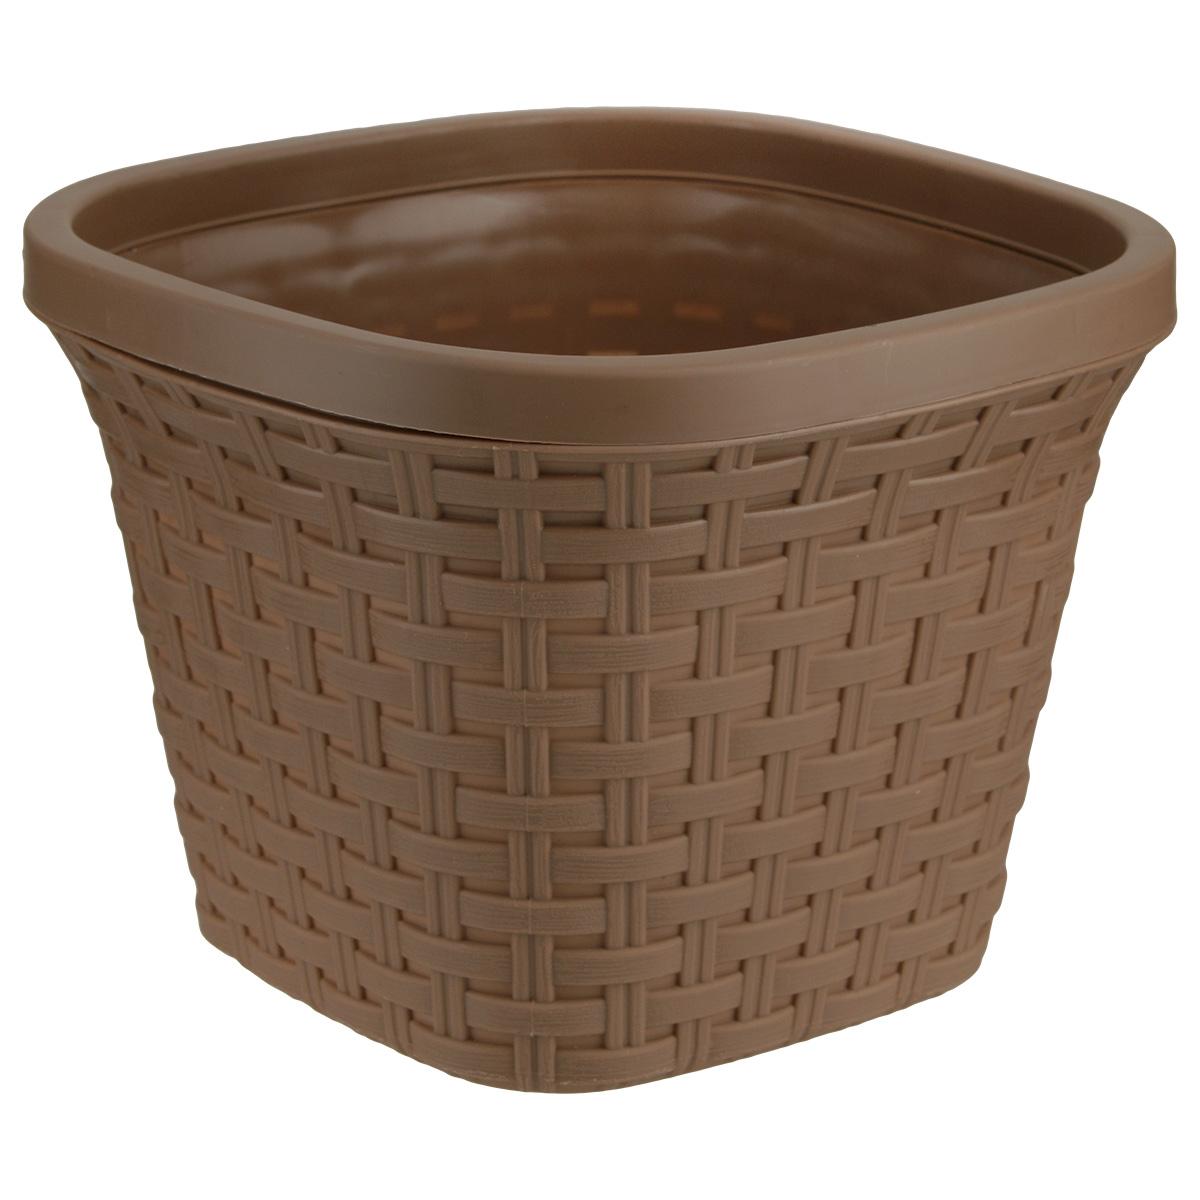 Кашпо Violet Ротанг, с дренажной системой, цвет: какао, 5 л33500/17Кашпо Violet Ротанг изготовлено из высококачественного пластика и оснащено дренажной системой для быстрого отведения избытка воды при поливе. Изделие прекрасно подходит для выращивания растений и цветов в домашних условиях. Лаконичный дизайн впишется в интерьер любого помещения. Объем: 5 л.